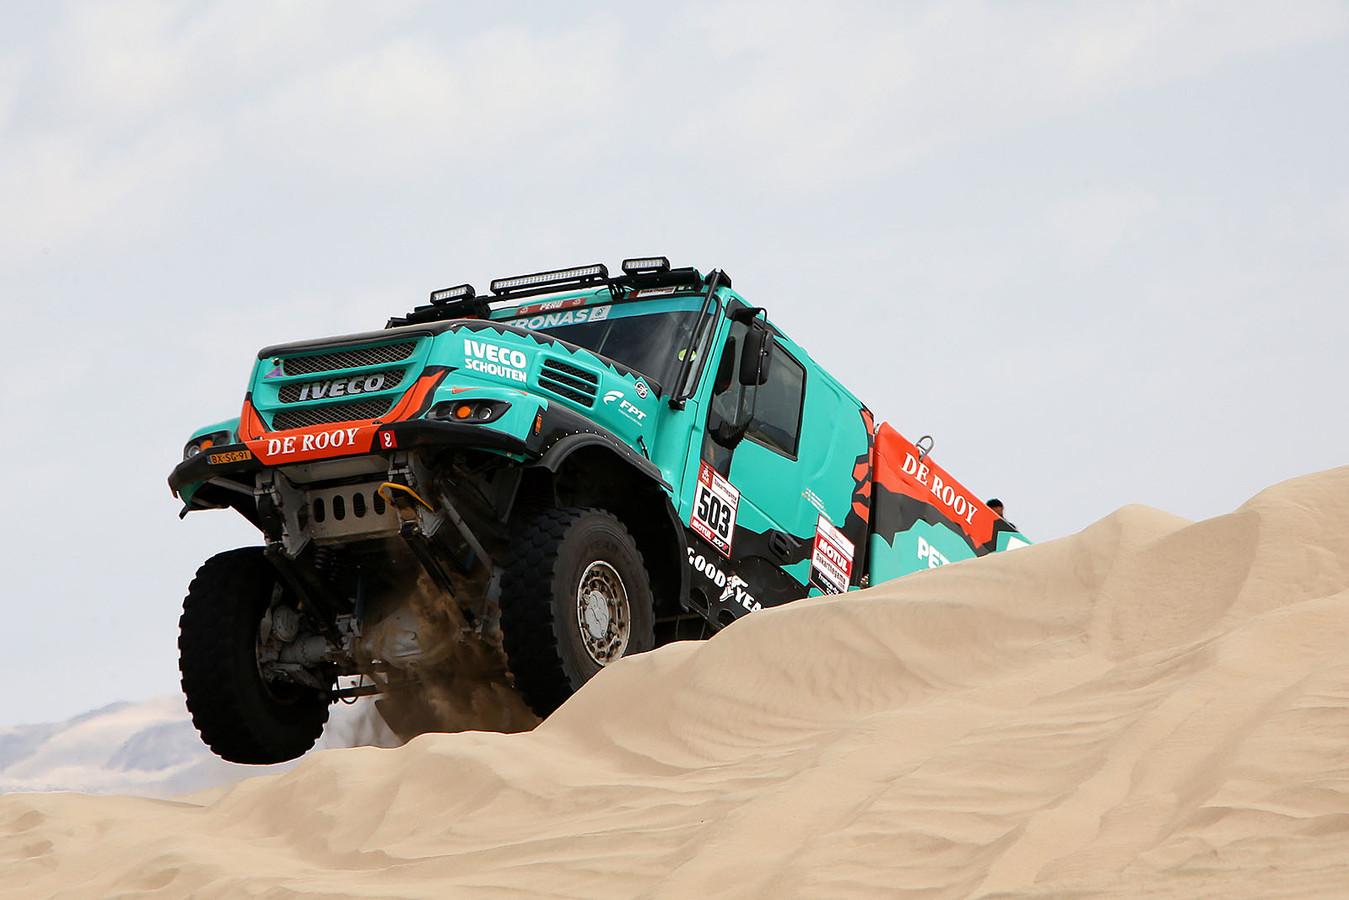 Gerard de Rooy in de Dakar Rally 2019.